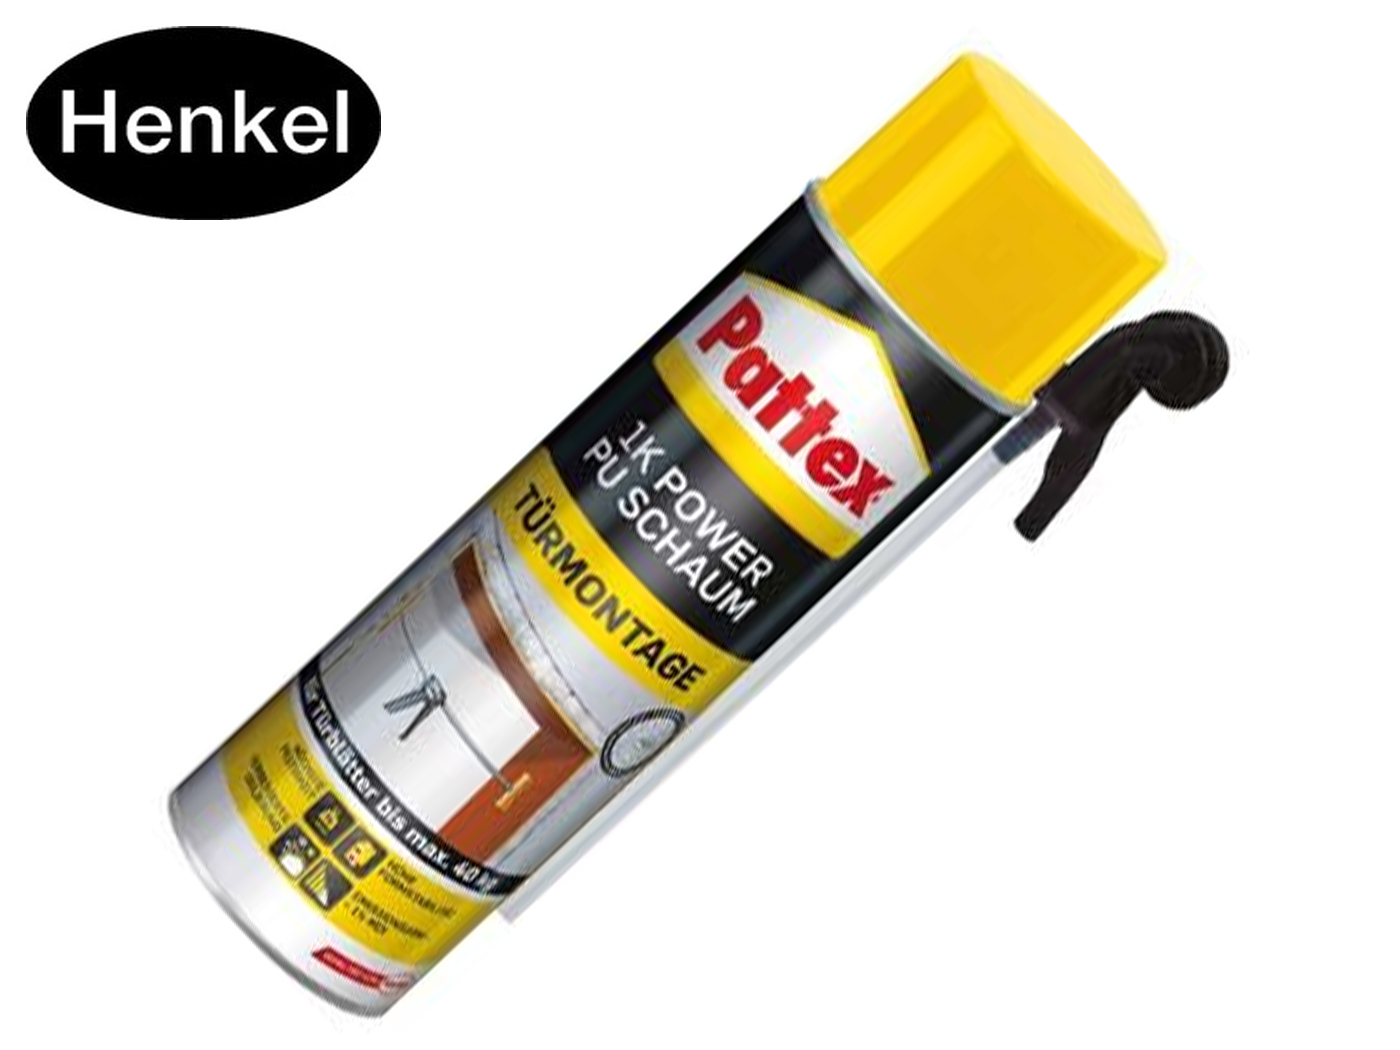 Pattex Power PU schuim deurmontage 500 ml | DKMTools - DKM Tools